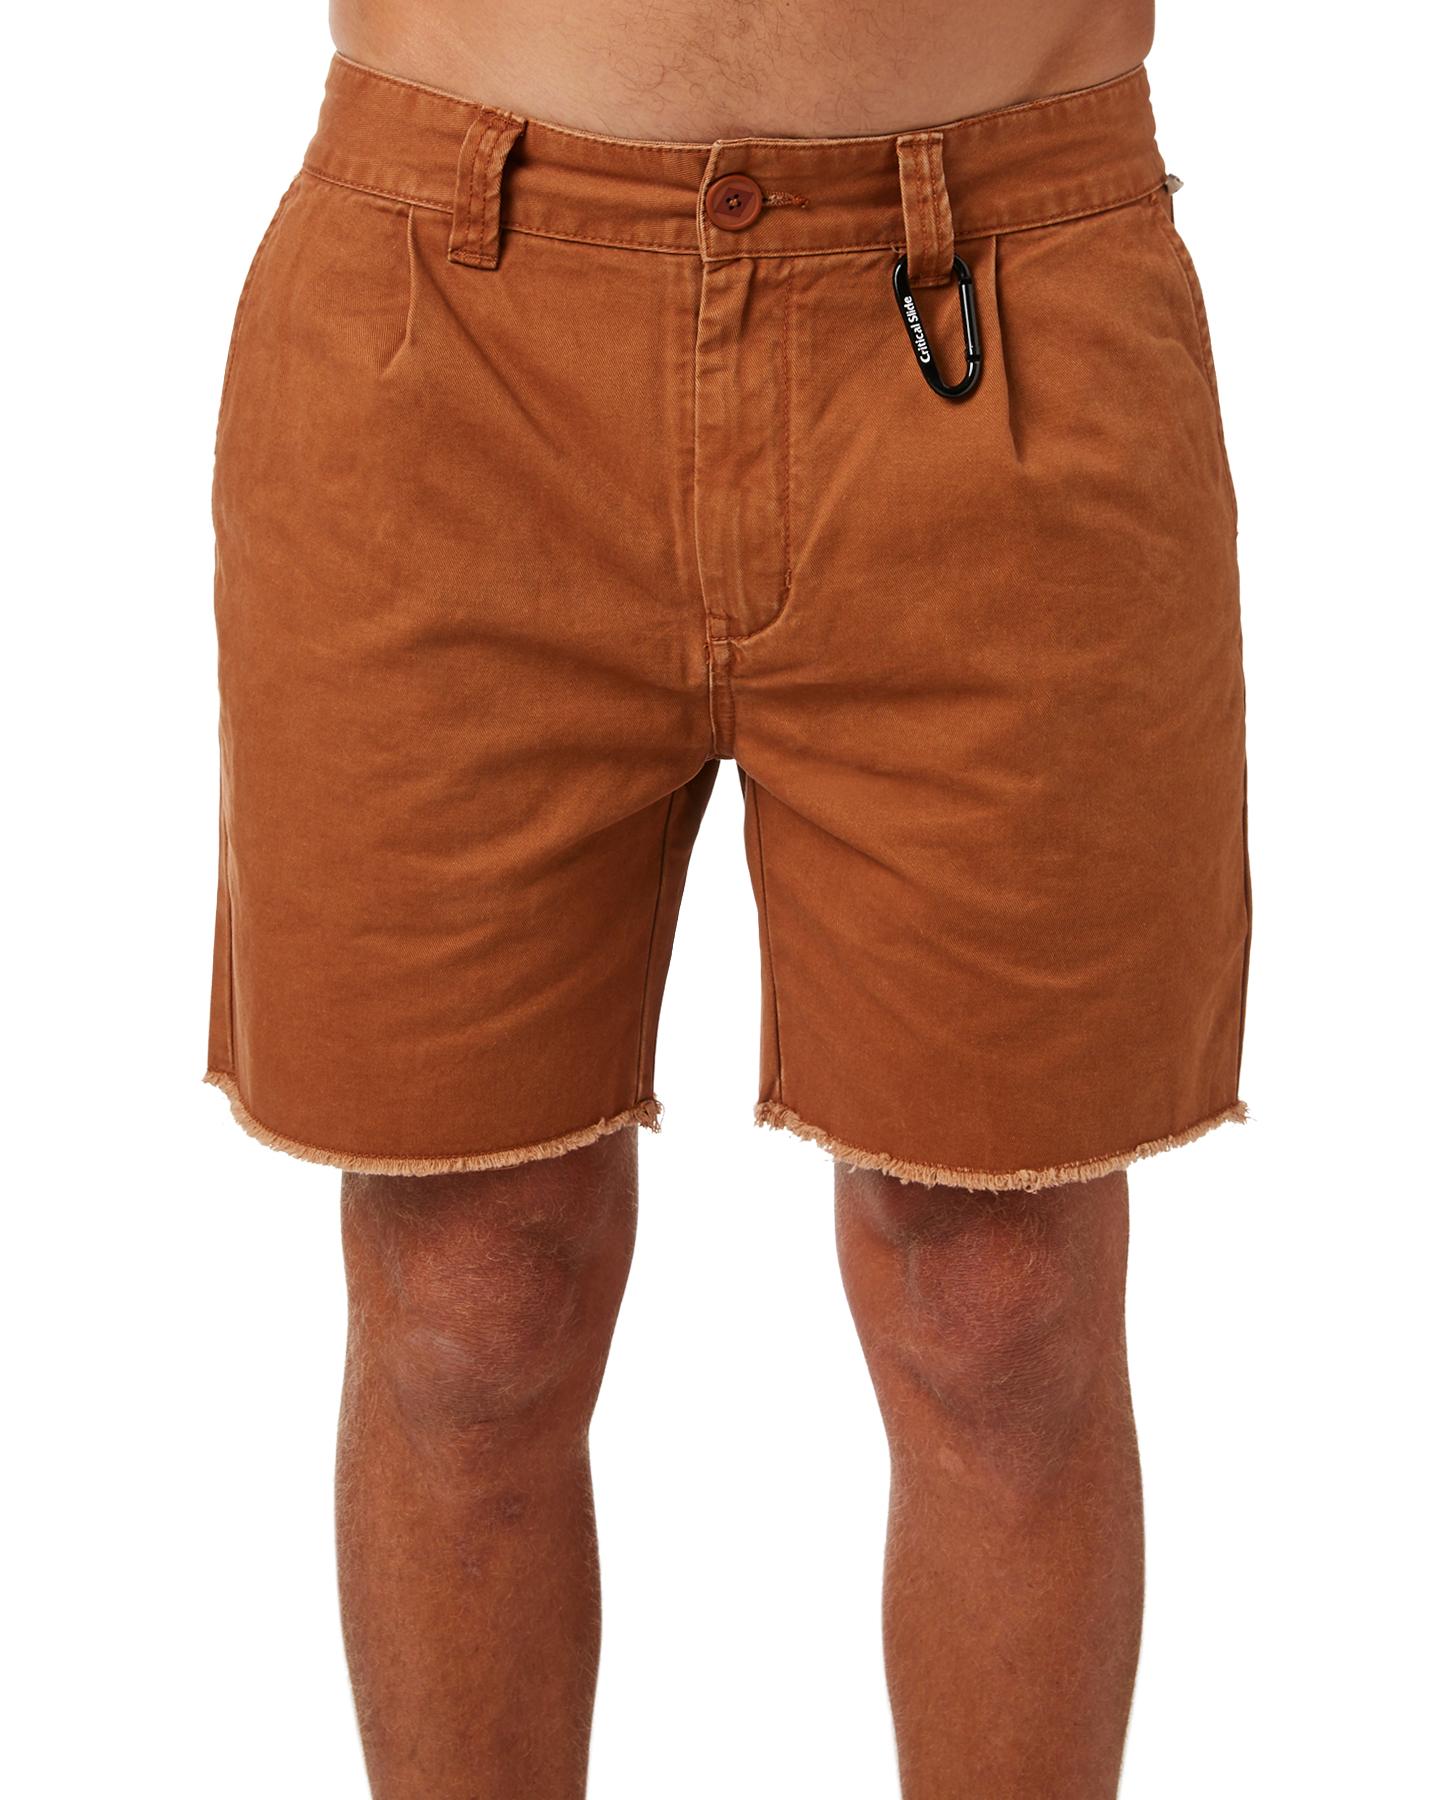 New-The-Critical-Slide-Society-Men-039-s-Beachnik-Mens-Short-Cotton-Fitted-Black